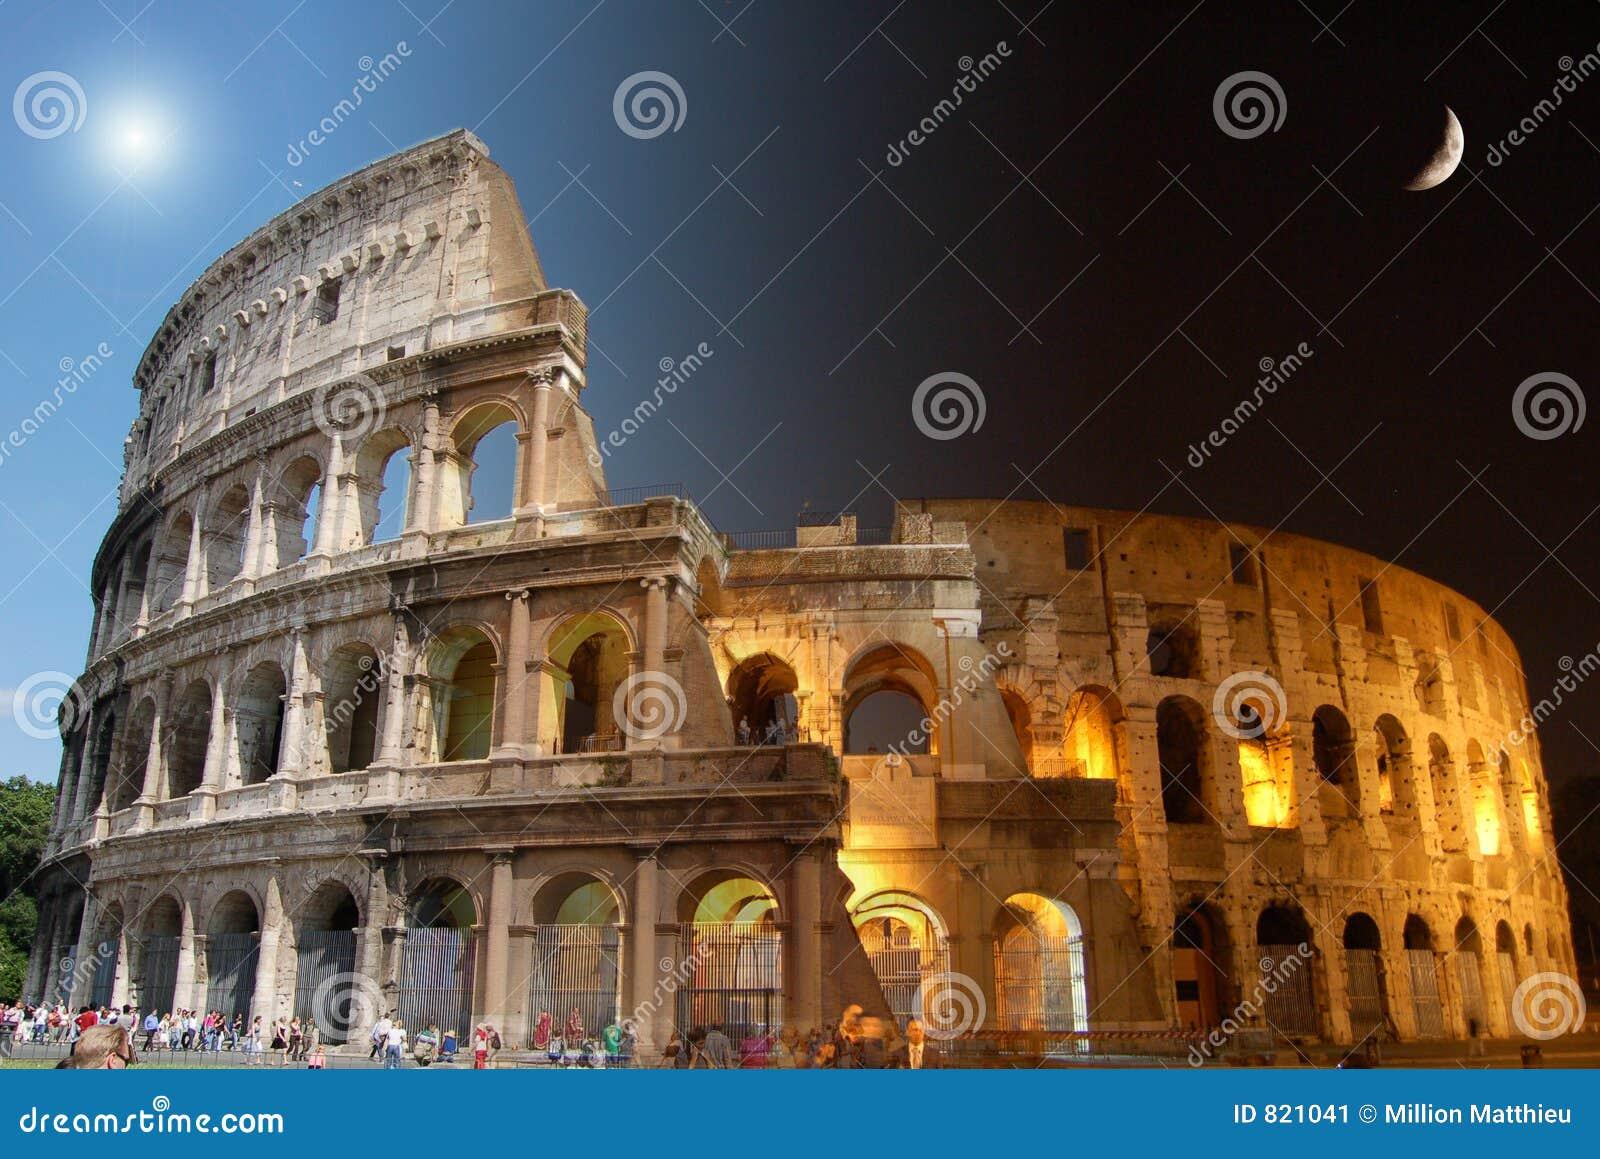 Colosseumdagnatt